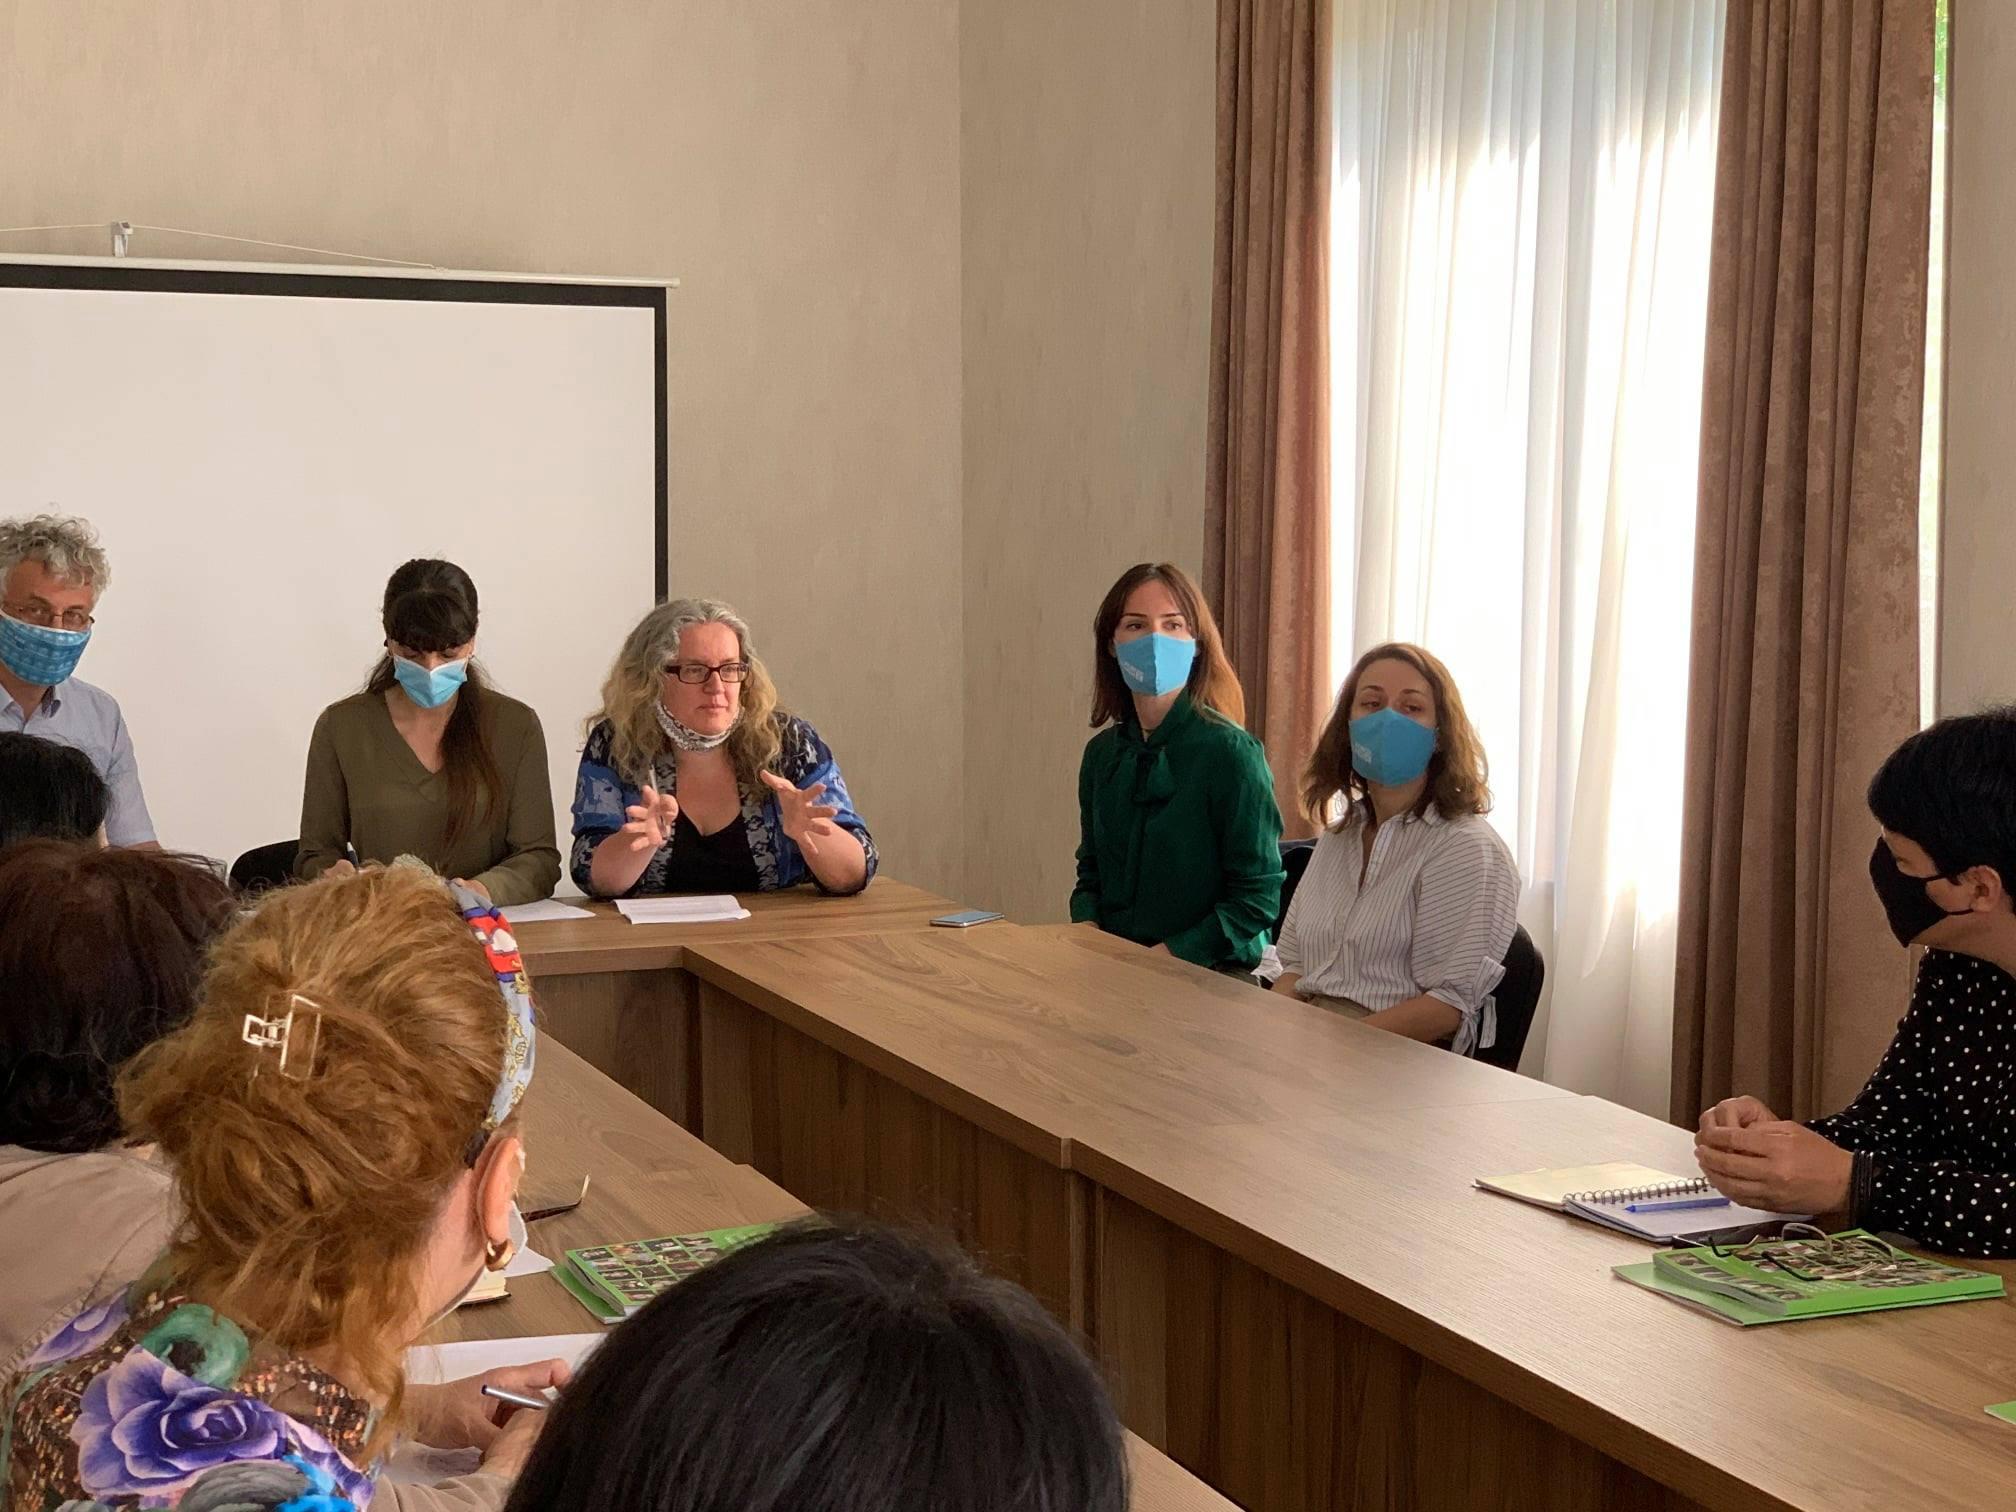 შეხვედრა ა/ო-ების წარმომადგენლებთან, დევნილ და კონფლიქტის შედეგად დაზარალებულ ქალებთან